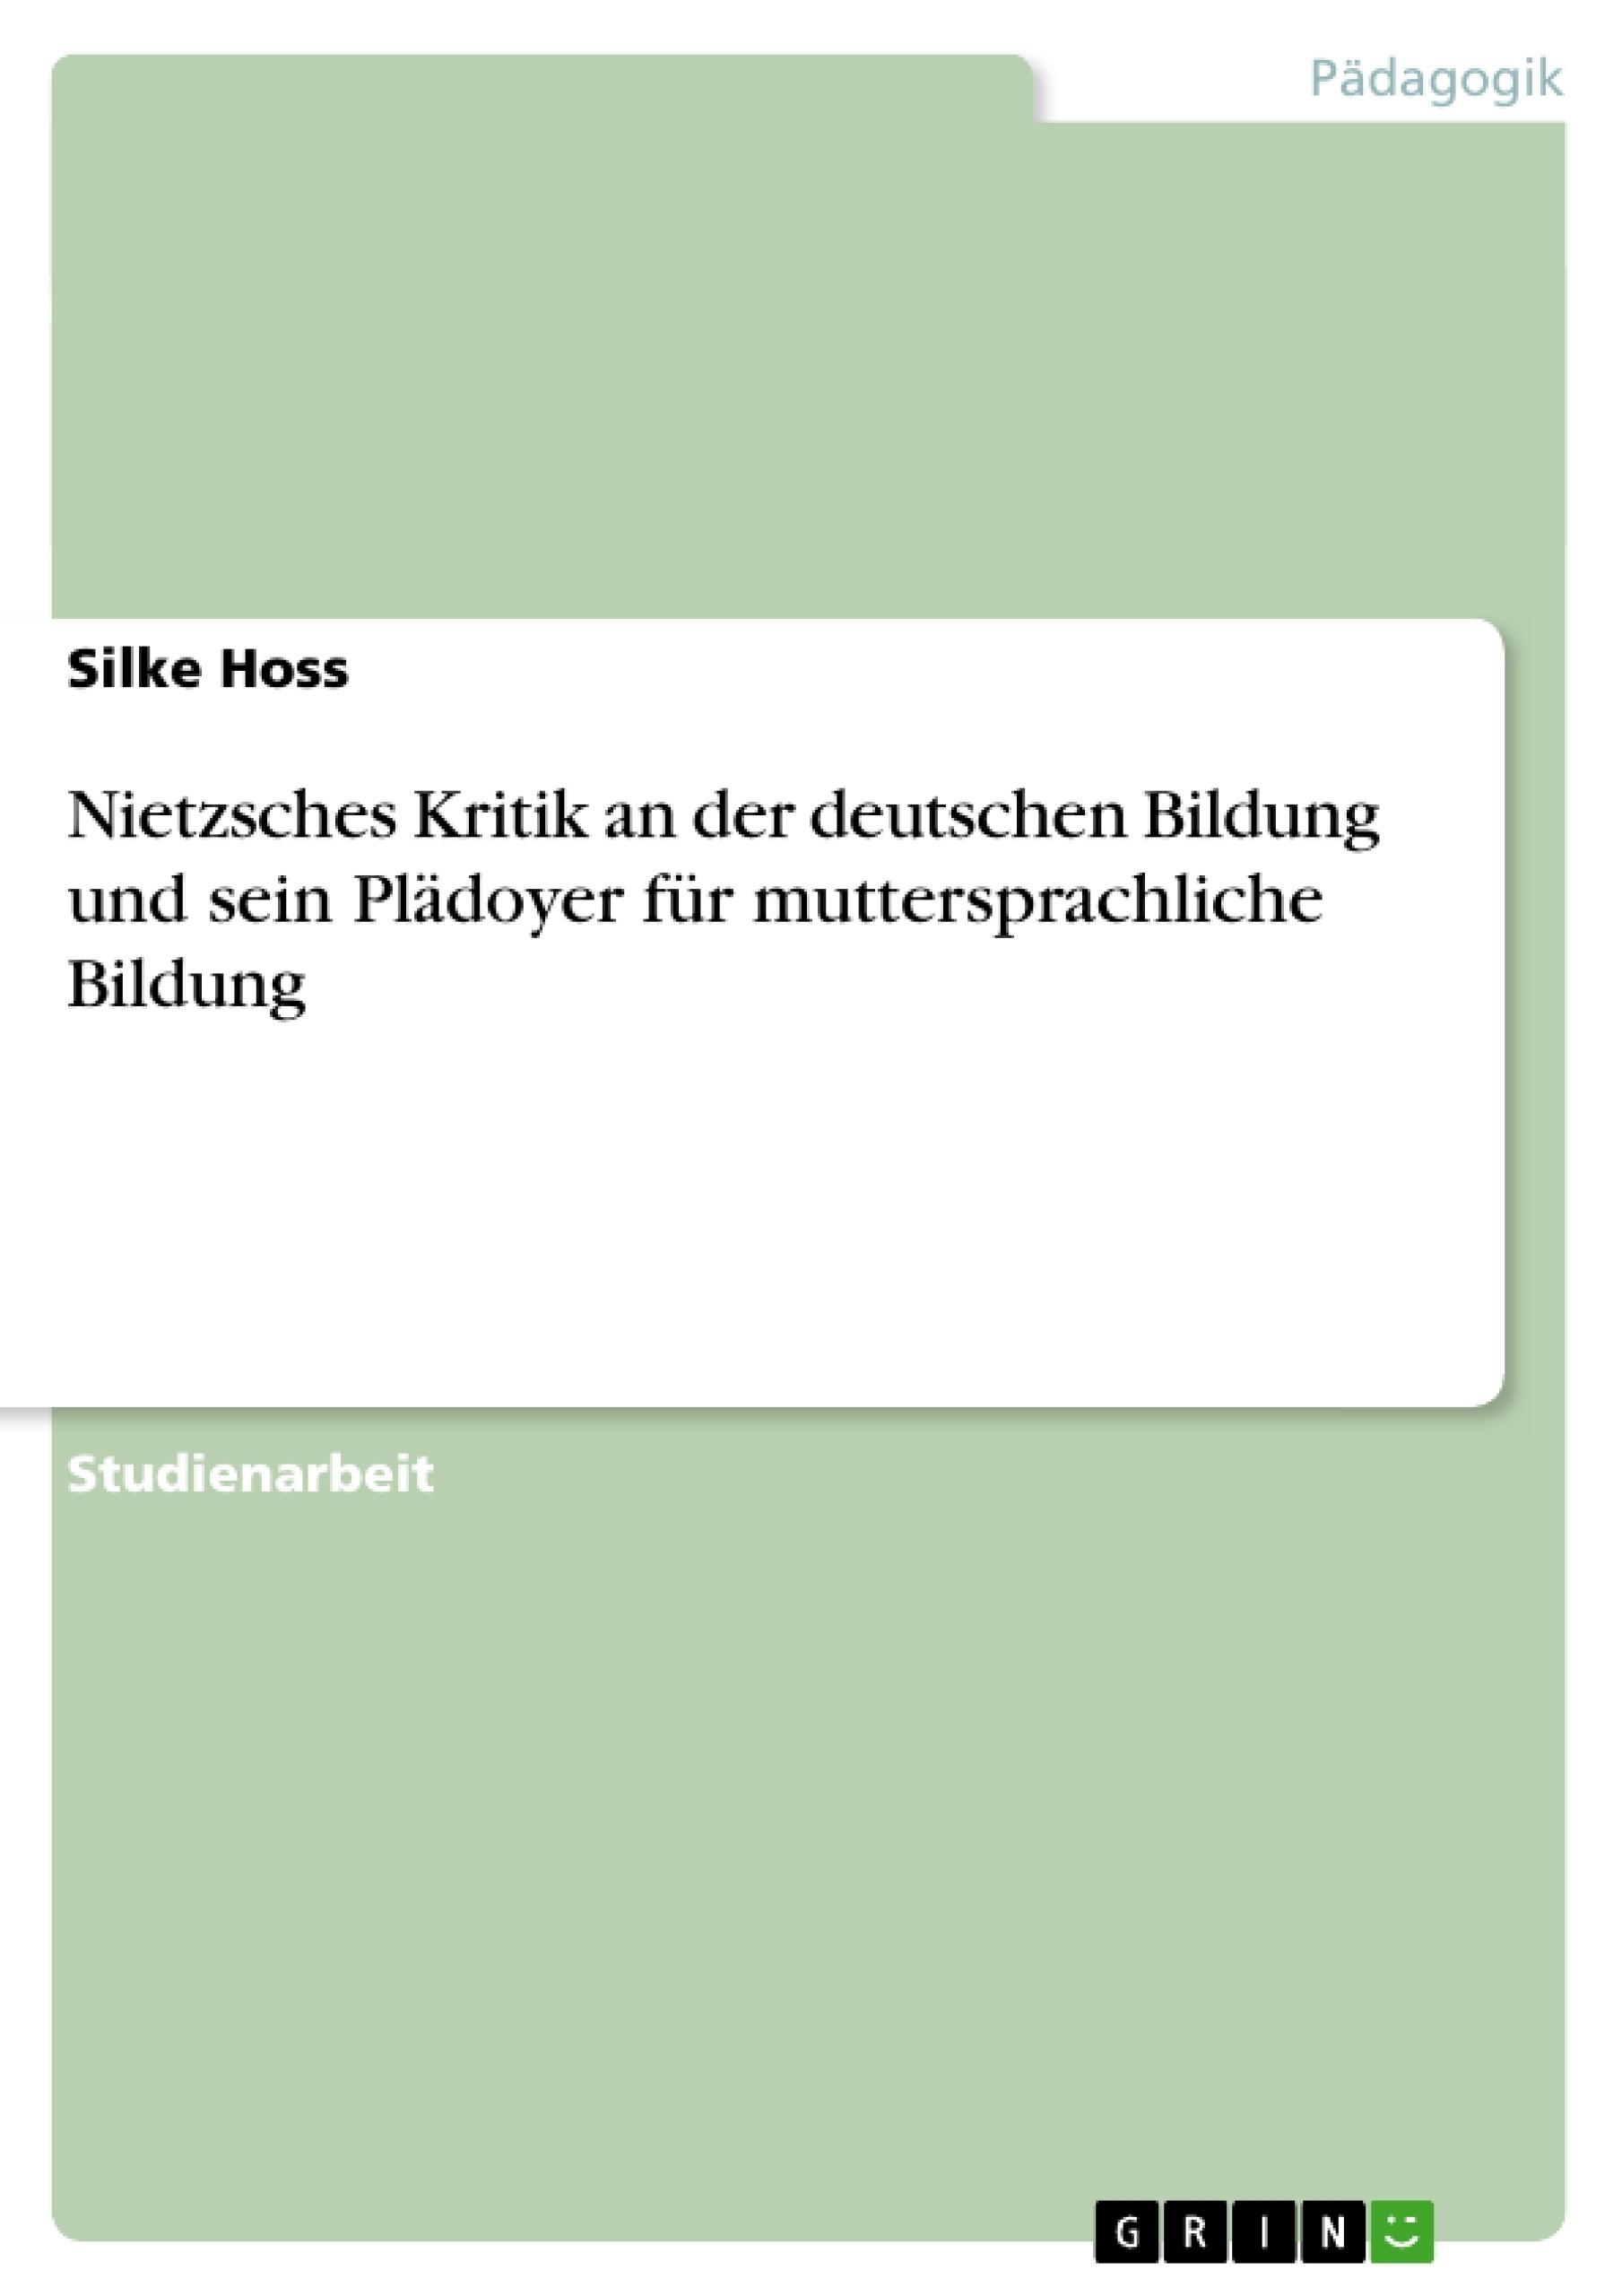 Titel: Nietzsches Kritik an der deutschen Bildung und sein Plädoyer für muttersprachliche Bildung